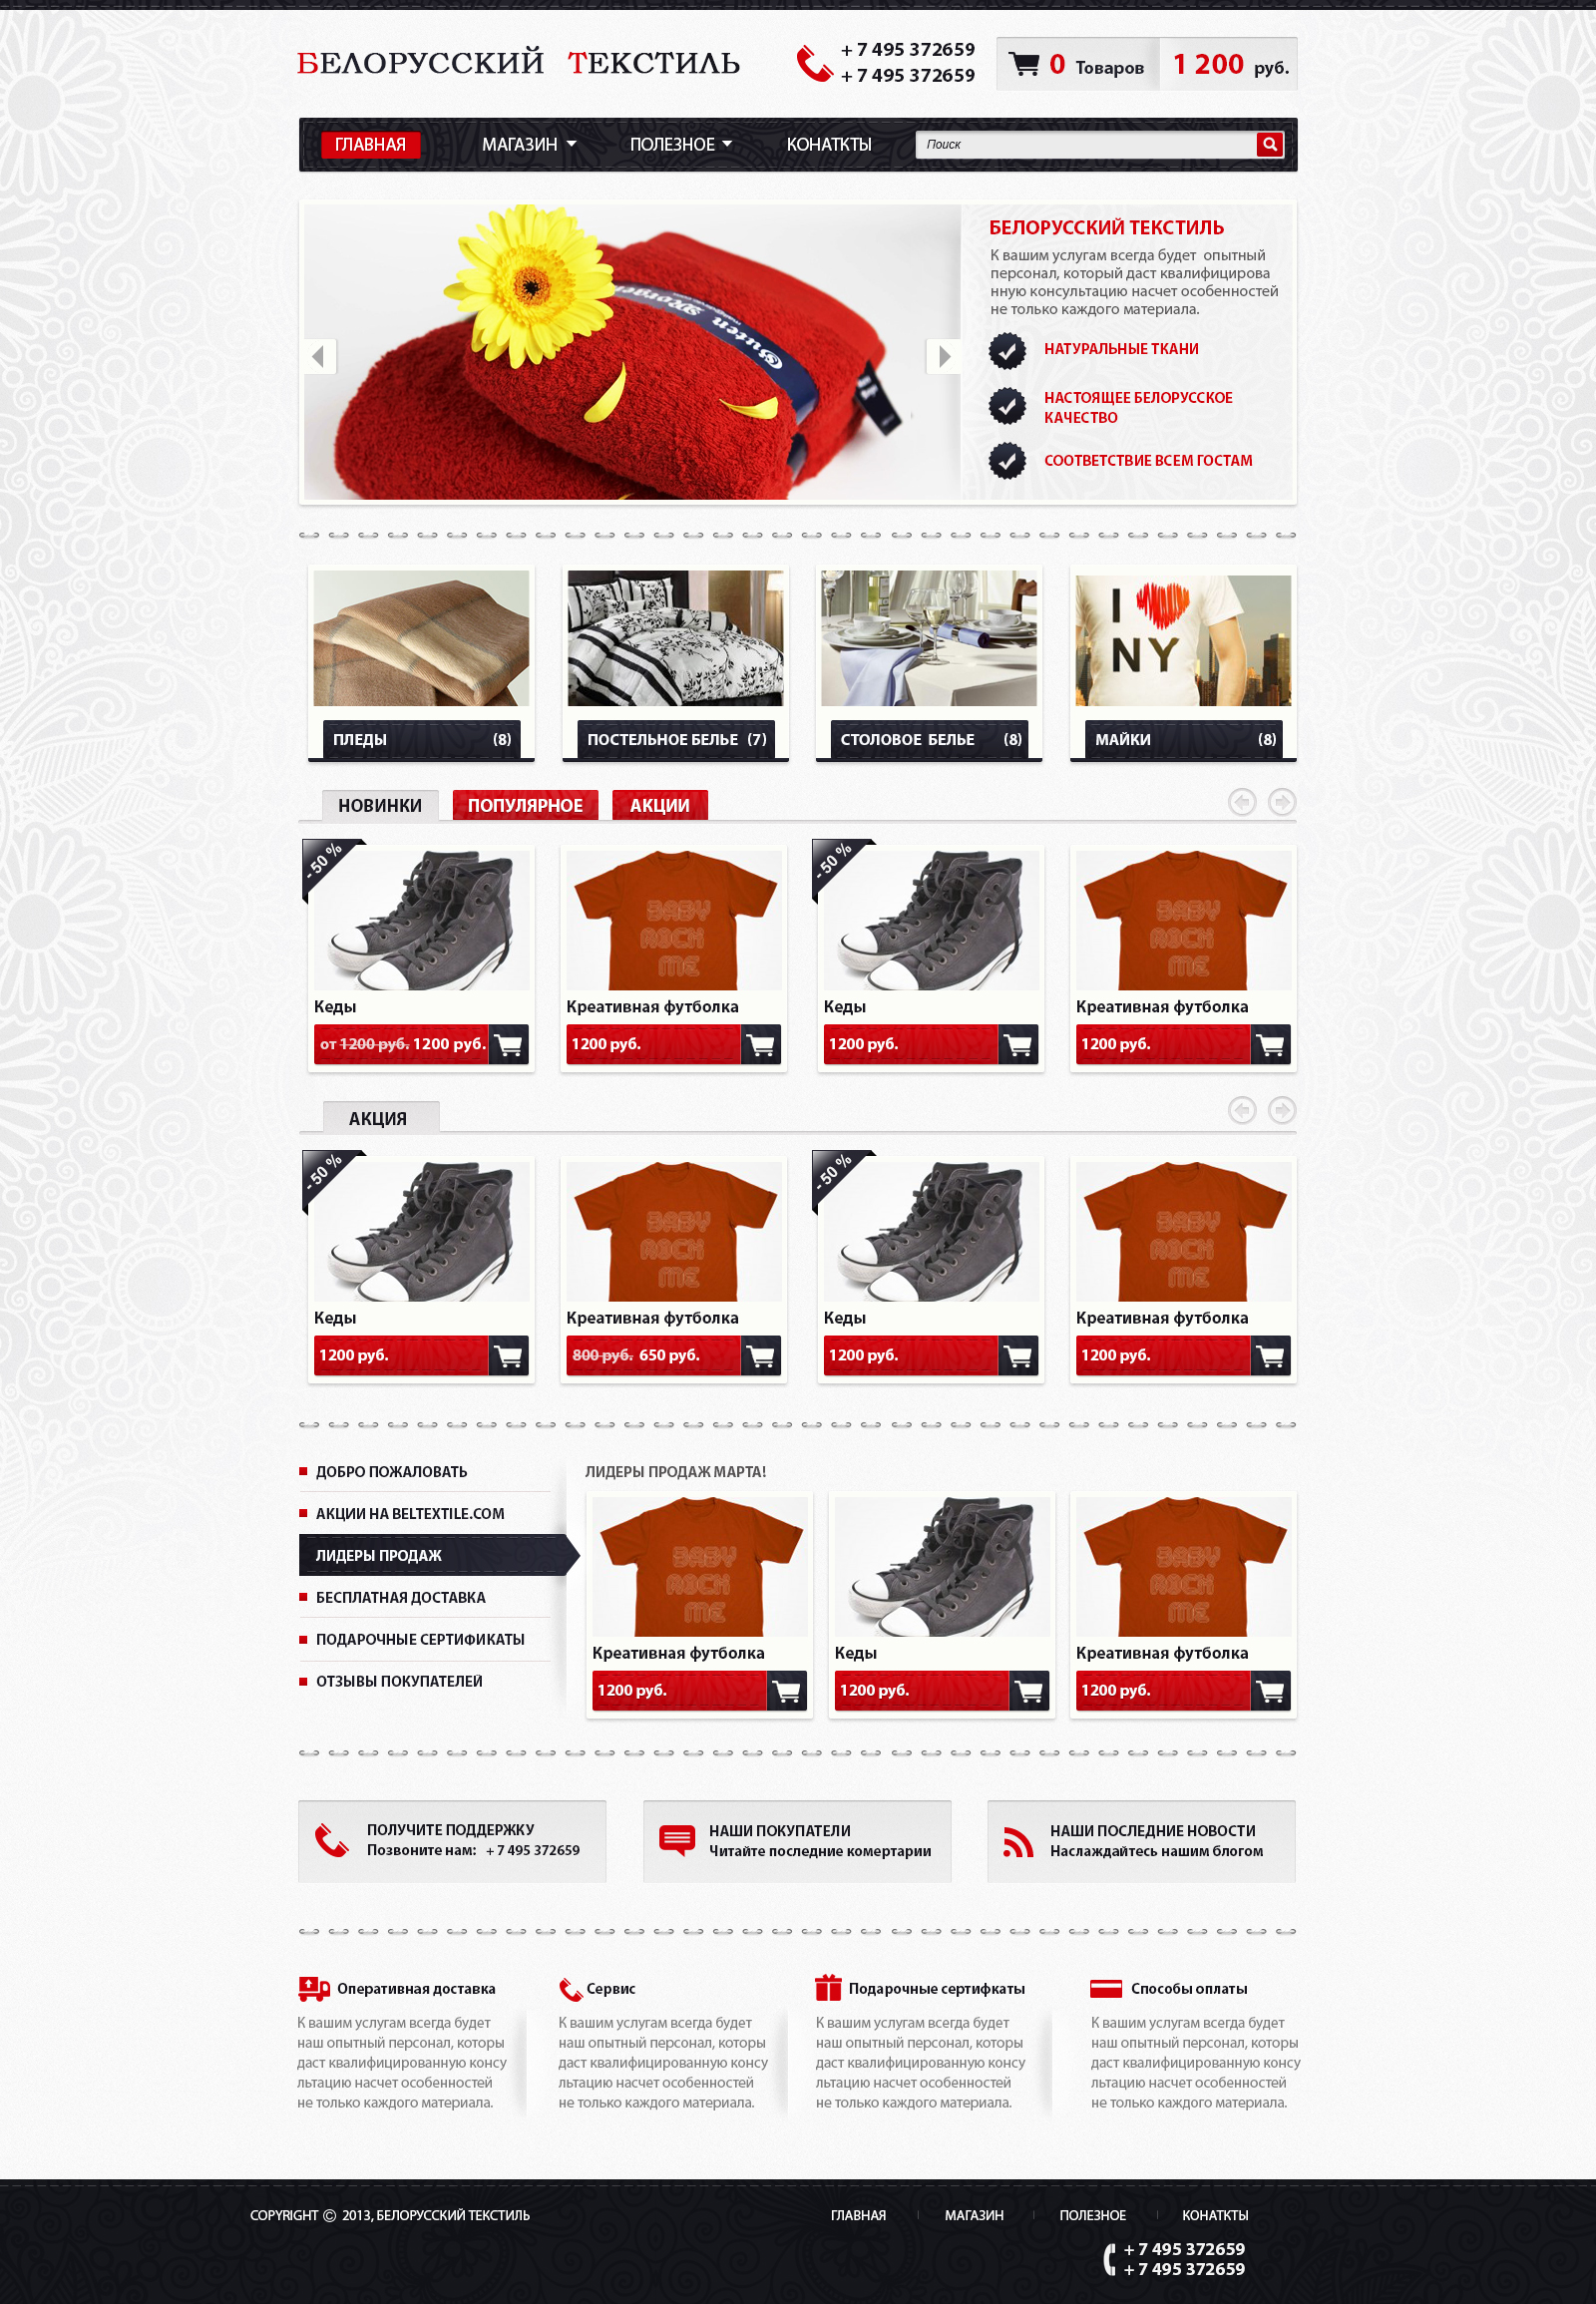 """Разработка дизайна шаблона  для Интернет-магазина """"Белорусский текстиль"""" (главная + все внутренние страницы)"""